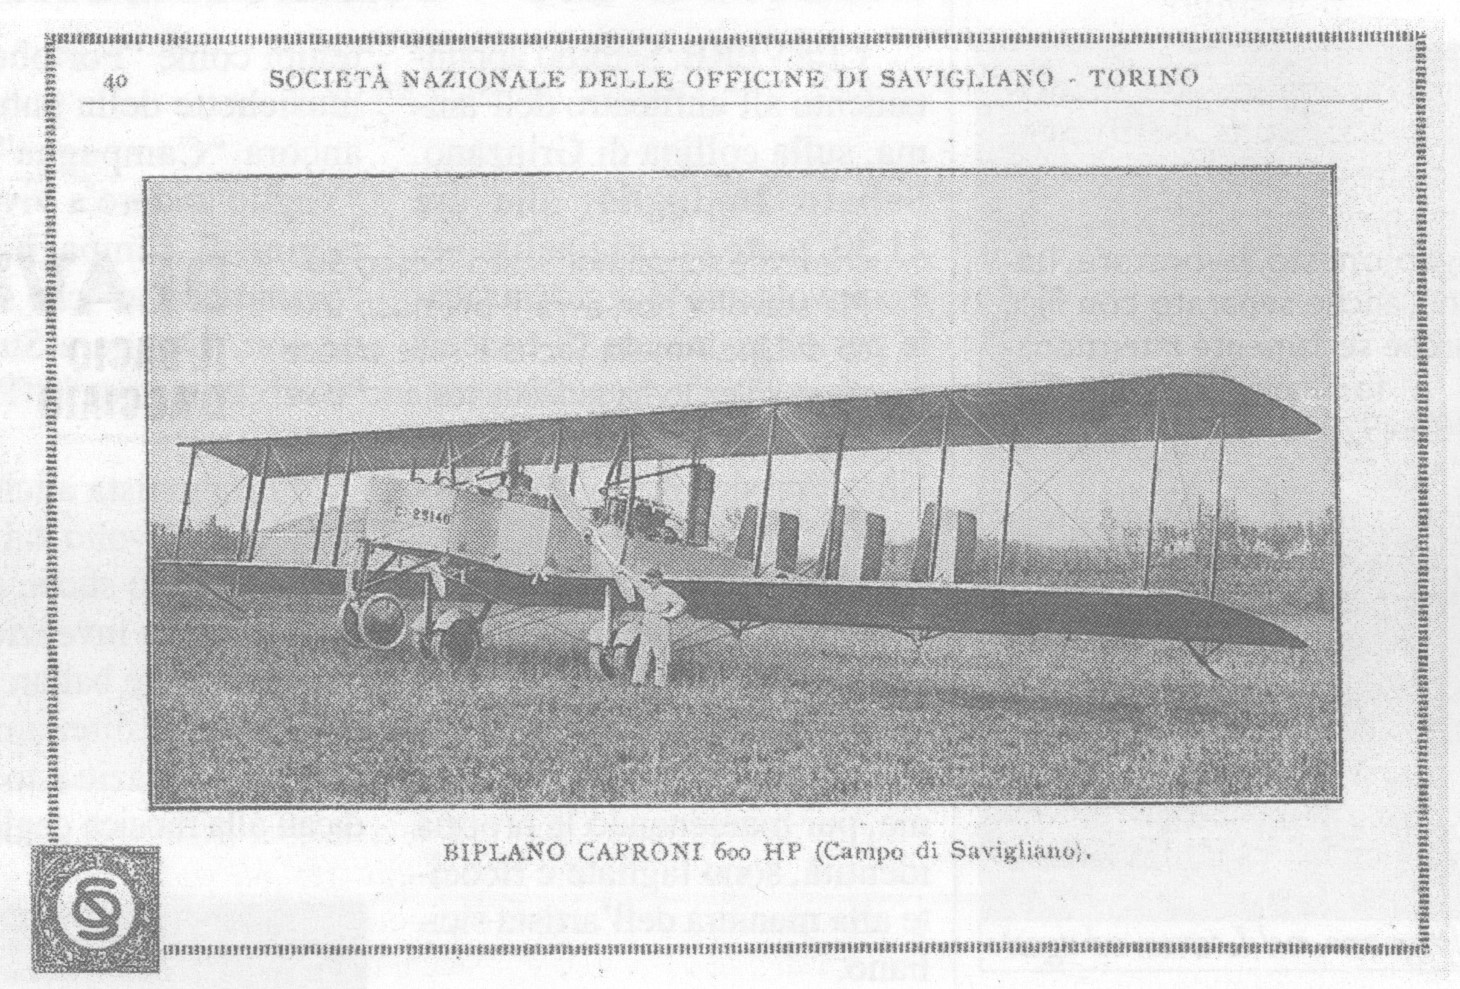 Il campo d'aviazione della SNOS